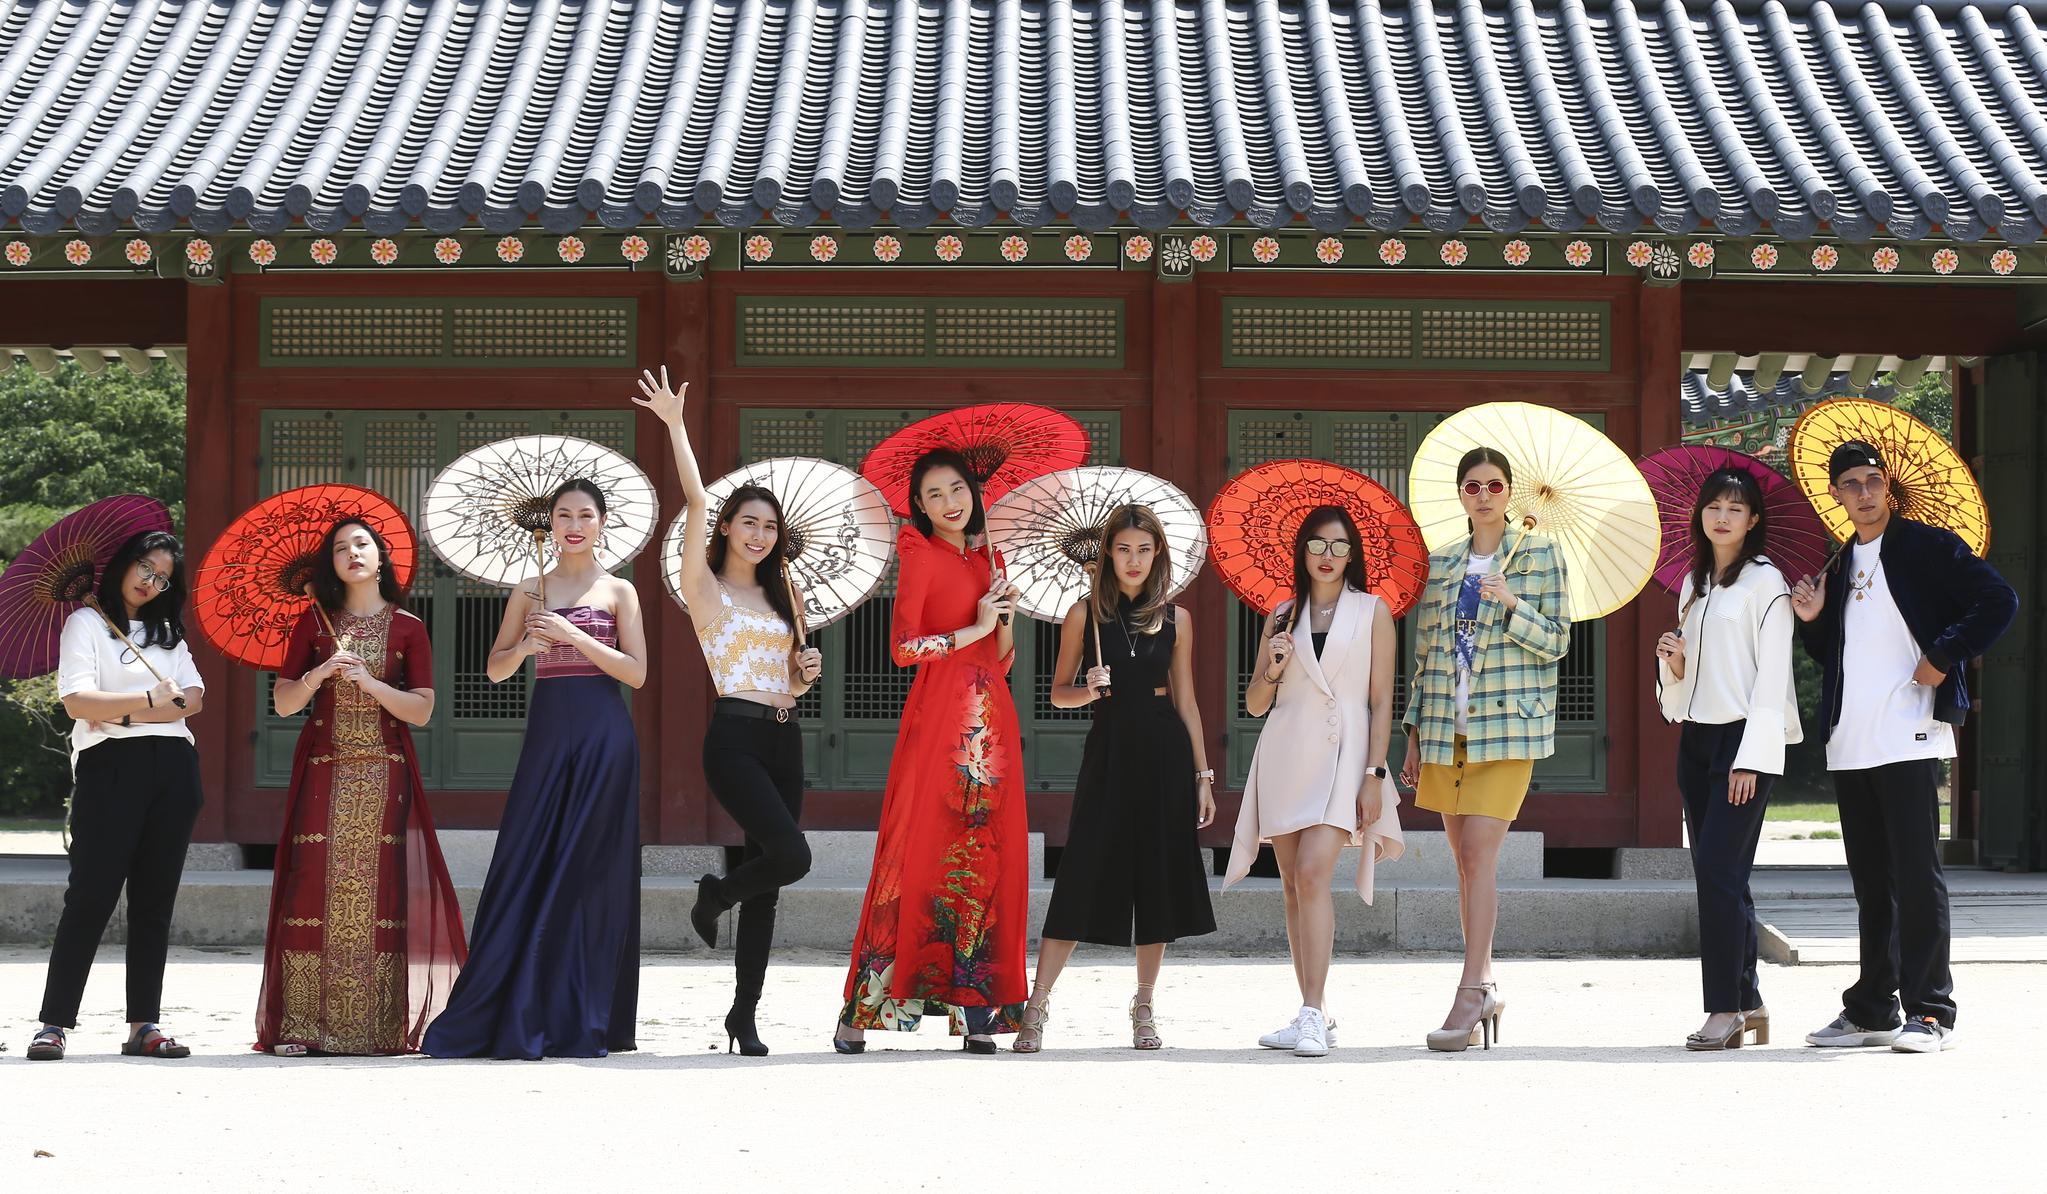 오늘(14일)부터 16일까지 서울광장에서 열리는 '2019 아세안 위크' 패션 페스티벌에 참여하는 한국과 아세안 모델들이 13일 서울 중구 덕수궁에서 포즈를 취하고 있다. 패션쇼는 오는 15일 오후에 열린다. 임현동 기자